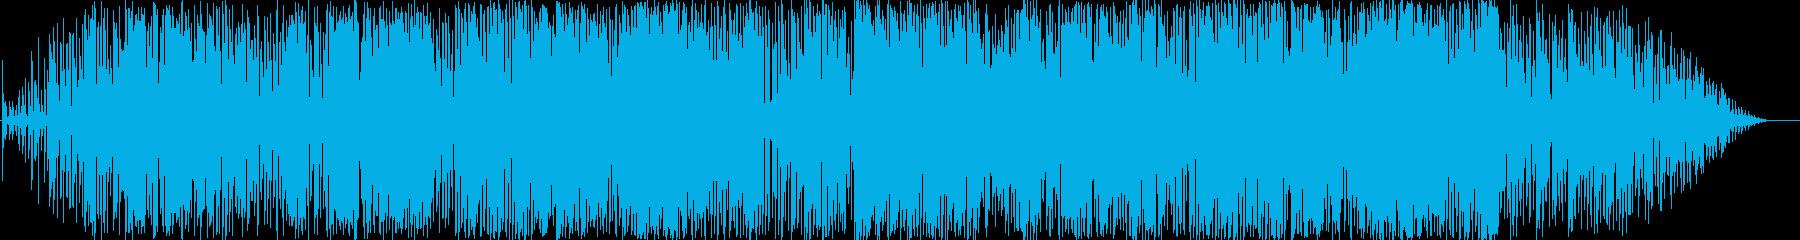 ズキュンの再生済みの波形